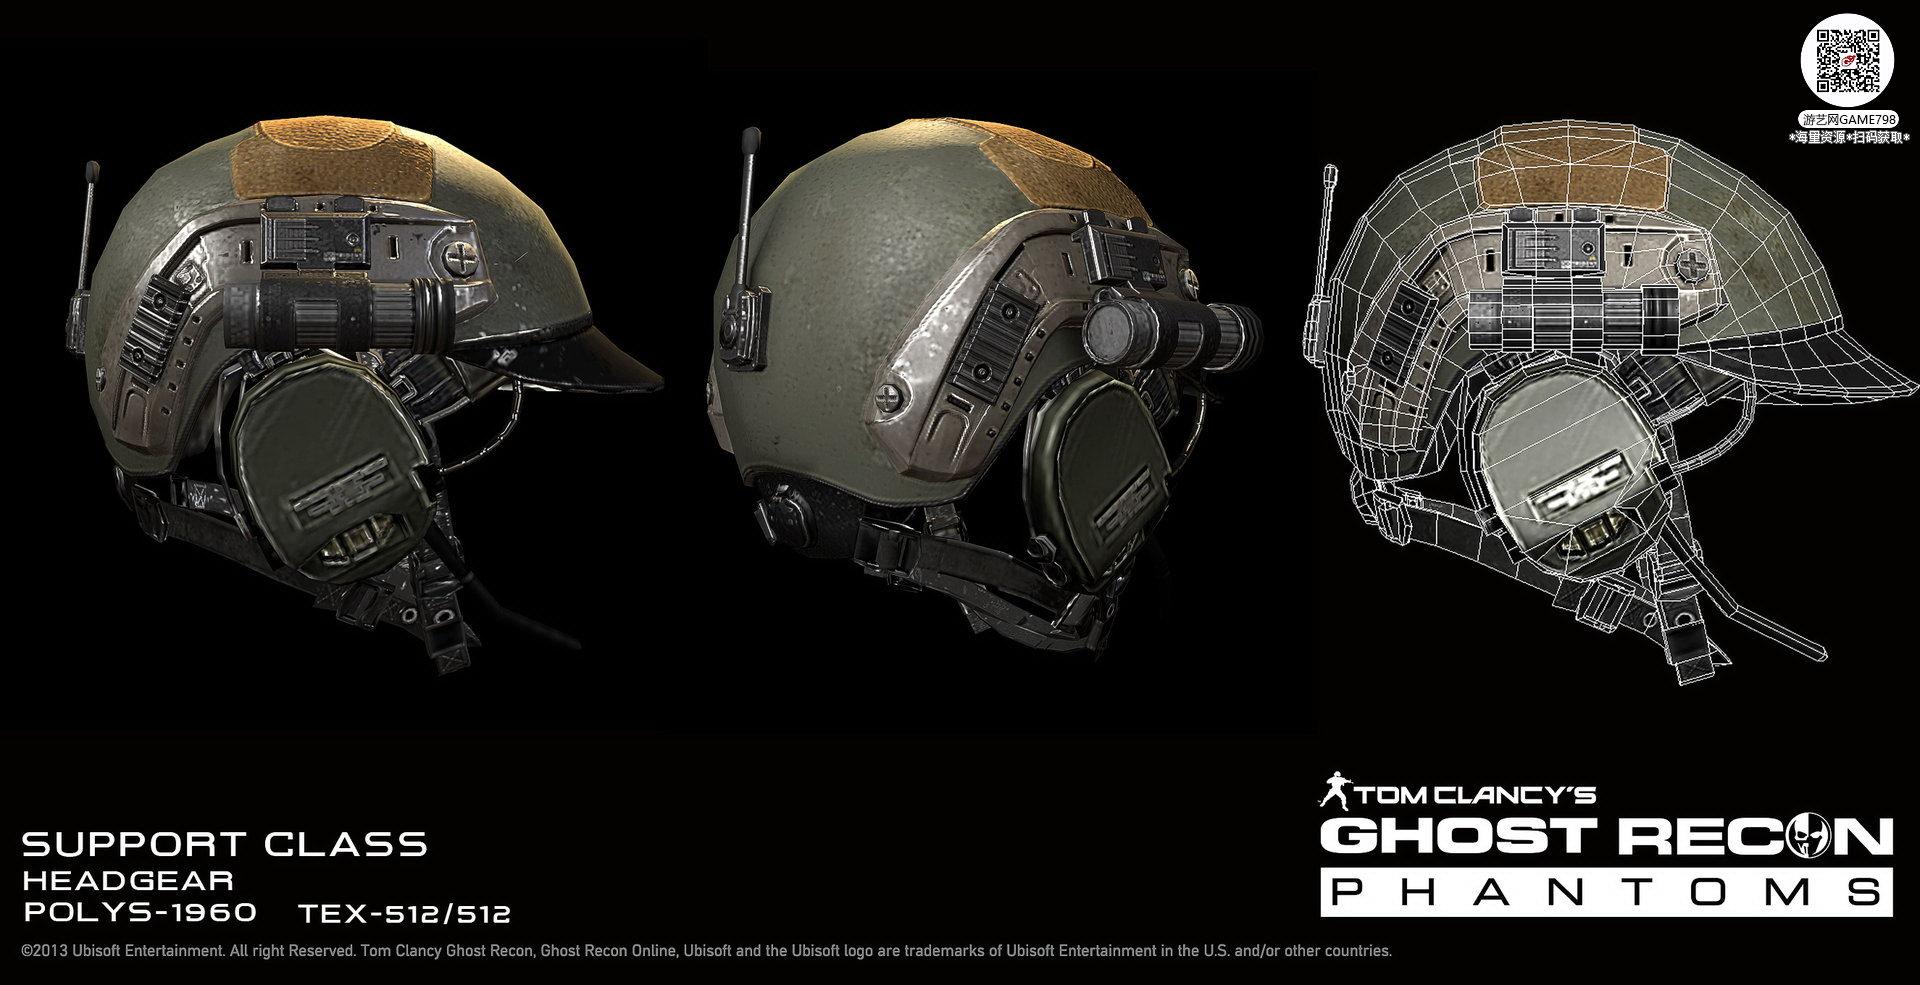 024_关注游艺网公众号获海量资源_幽灵行动未来战士次世代游戏3D模型参考原画概念设定.jpg